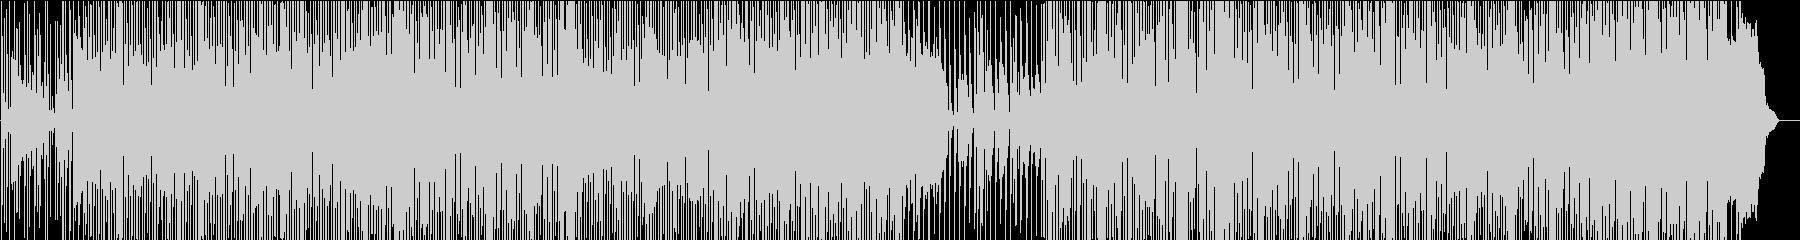 夏風レゲエバンドアレンジメントの未再生の波形